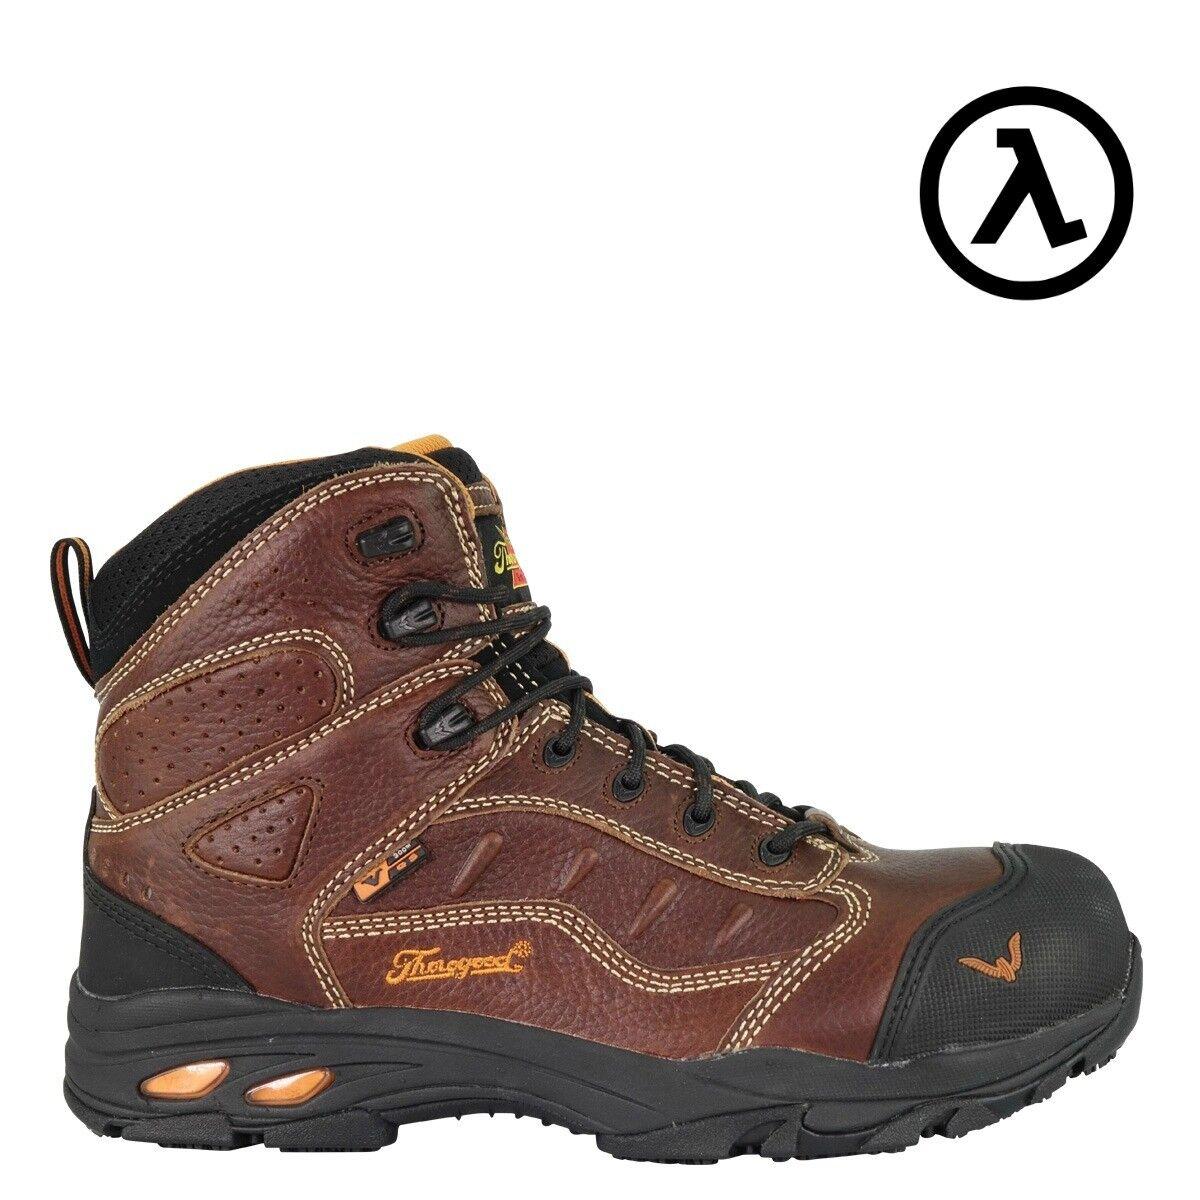 Thorogood Sport excursionista estática dissapative CT botas de trabajo 804-4037 - todos Los Tamaños